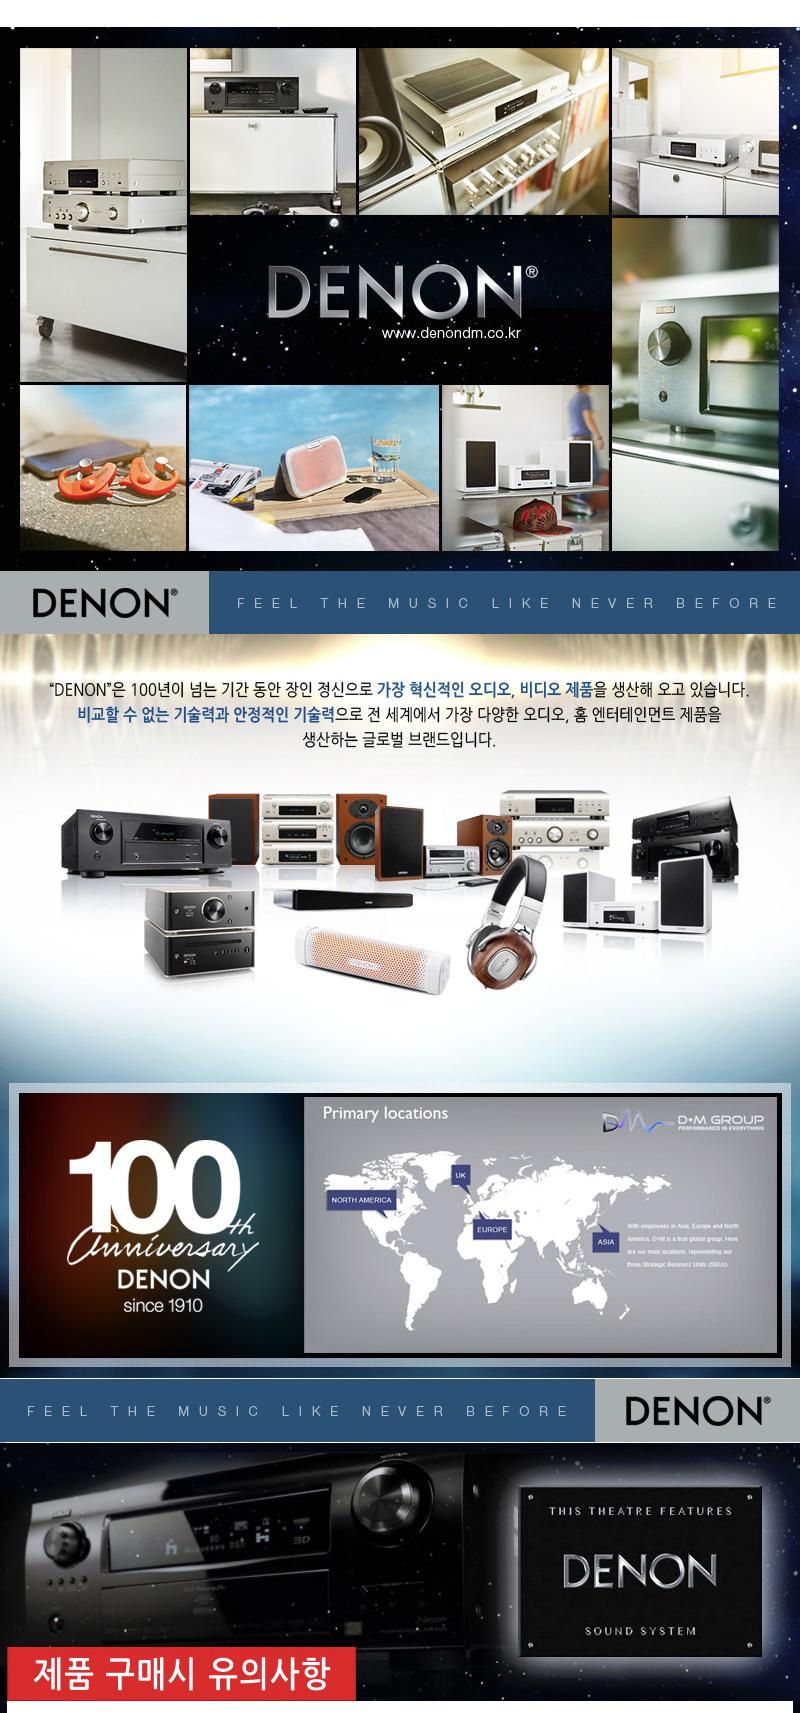 denon-n9_02.png